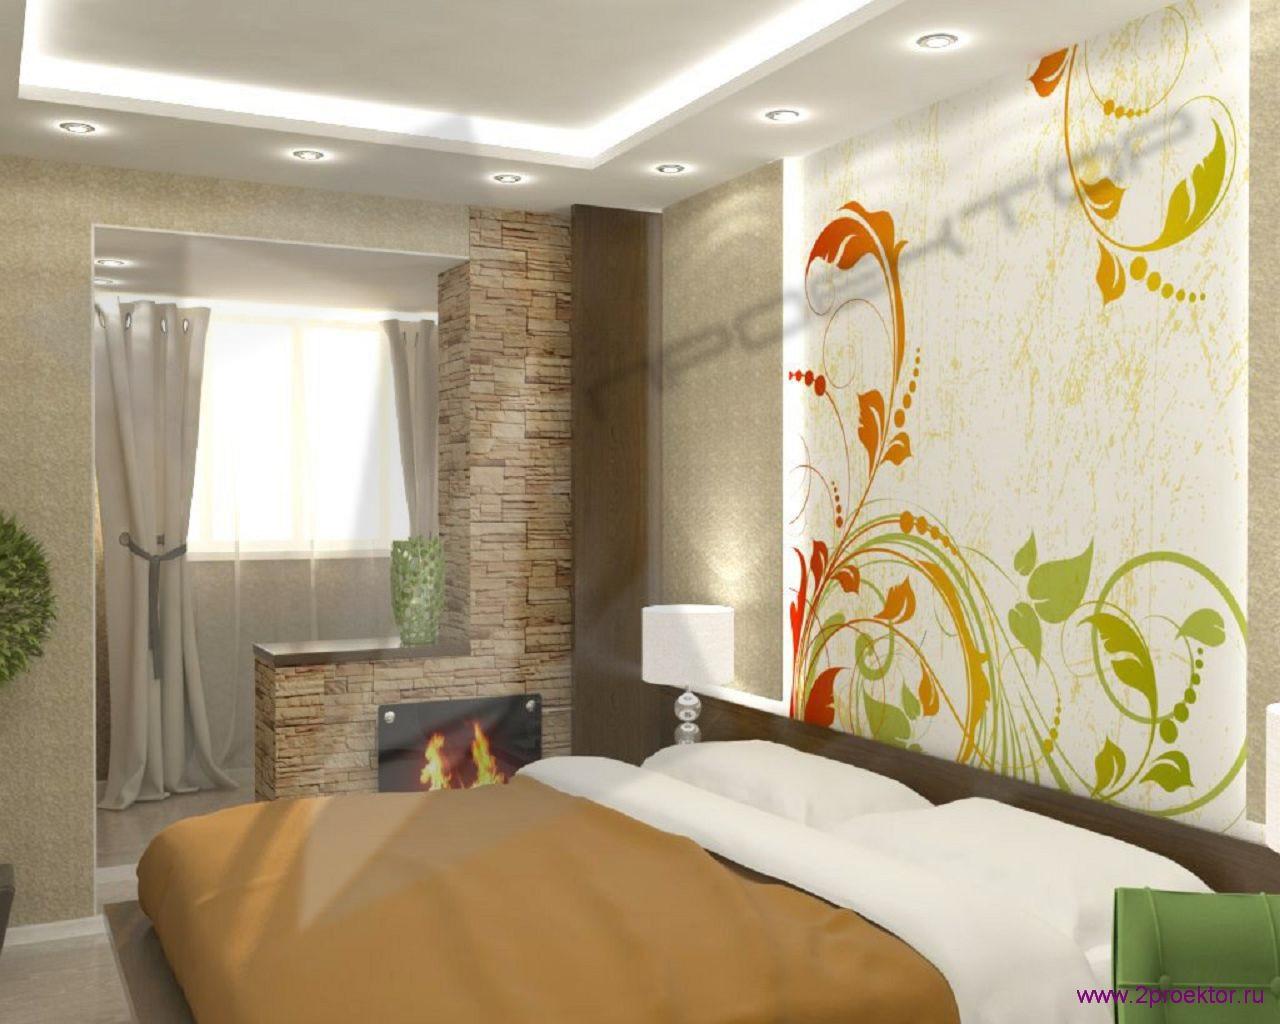 Современный дизайн спальни с балконом в Жилом комплексе Миракс парк.